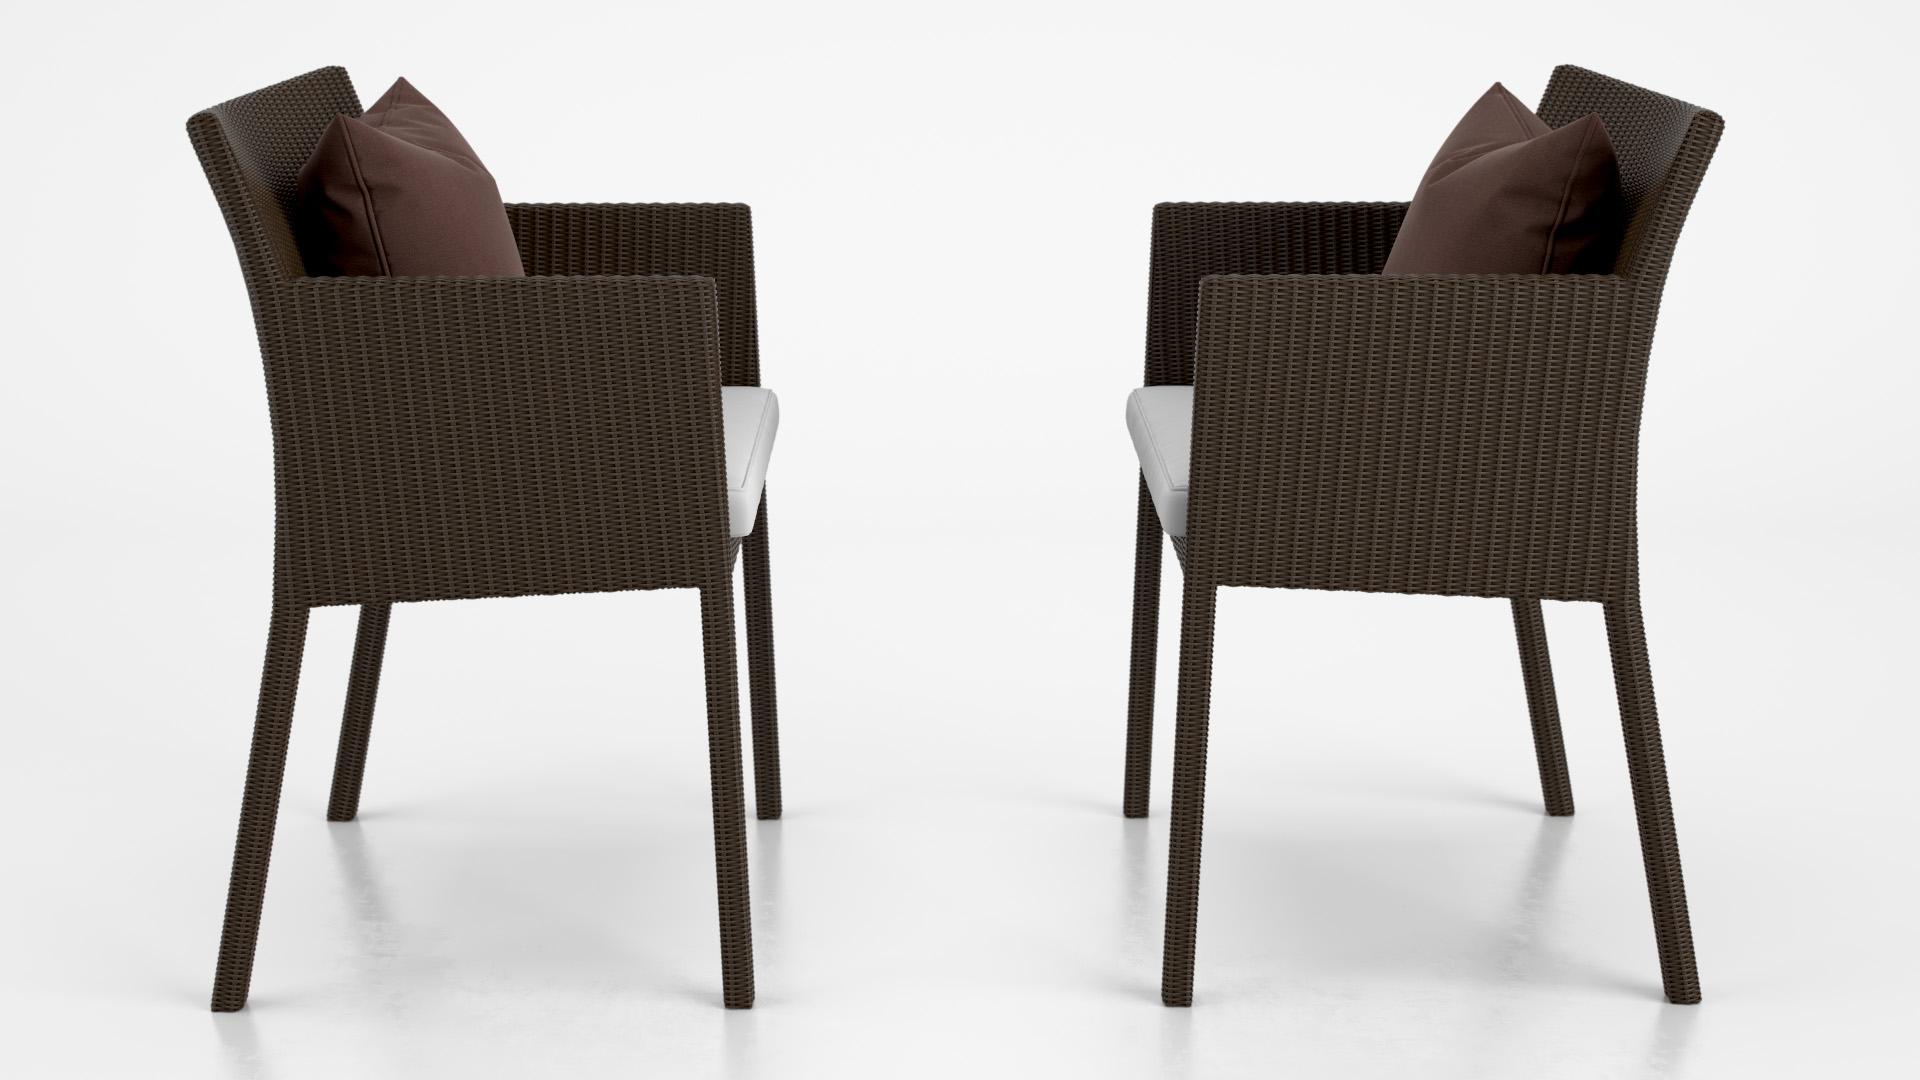 Tribu_Versus_Chair_TeakLegs_WhiteSet_01_0006